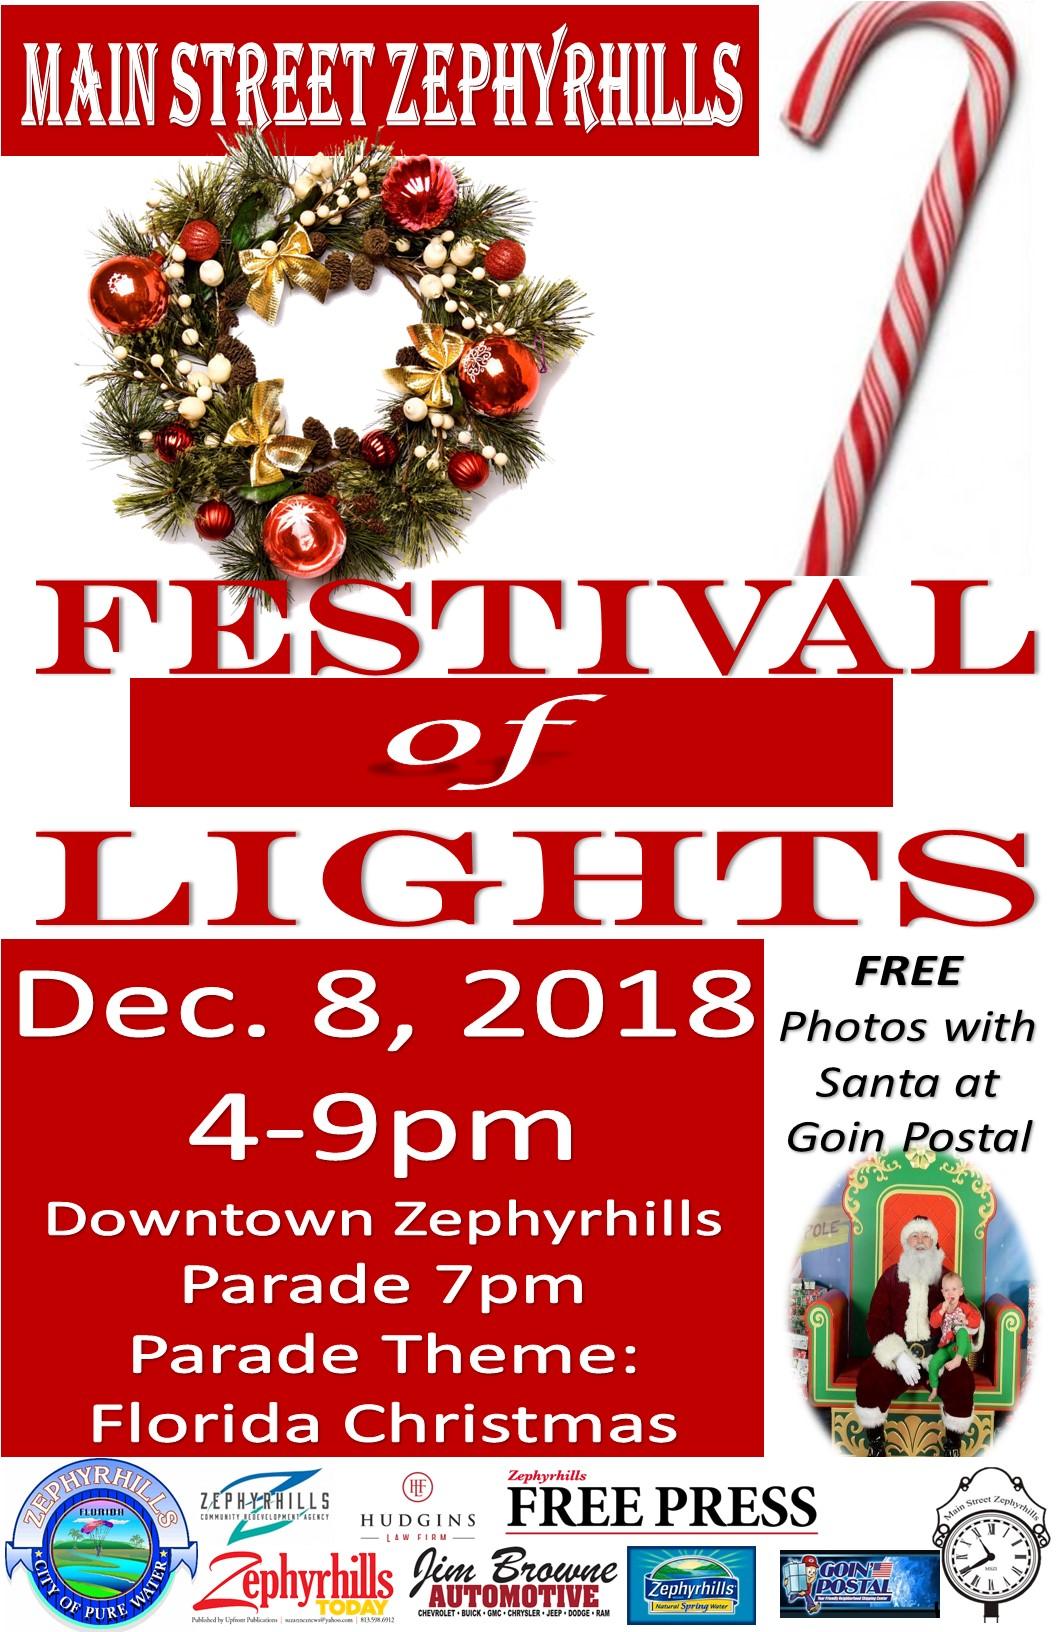 Festival of Lights flyer 2018.jpg